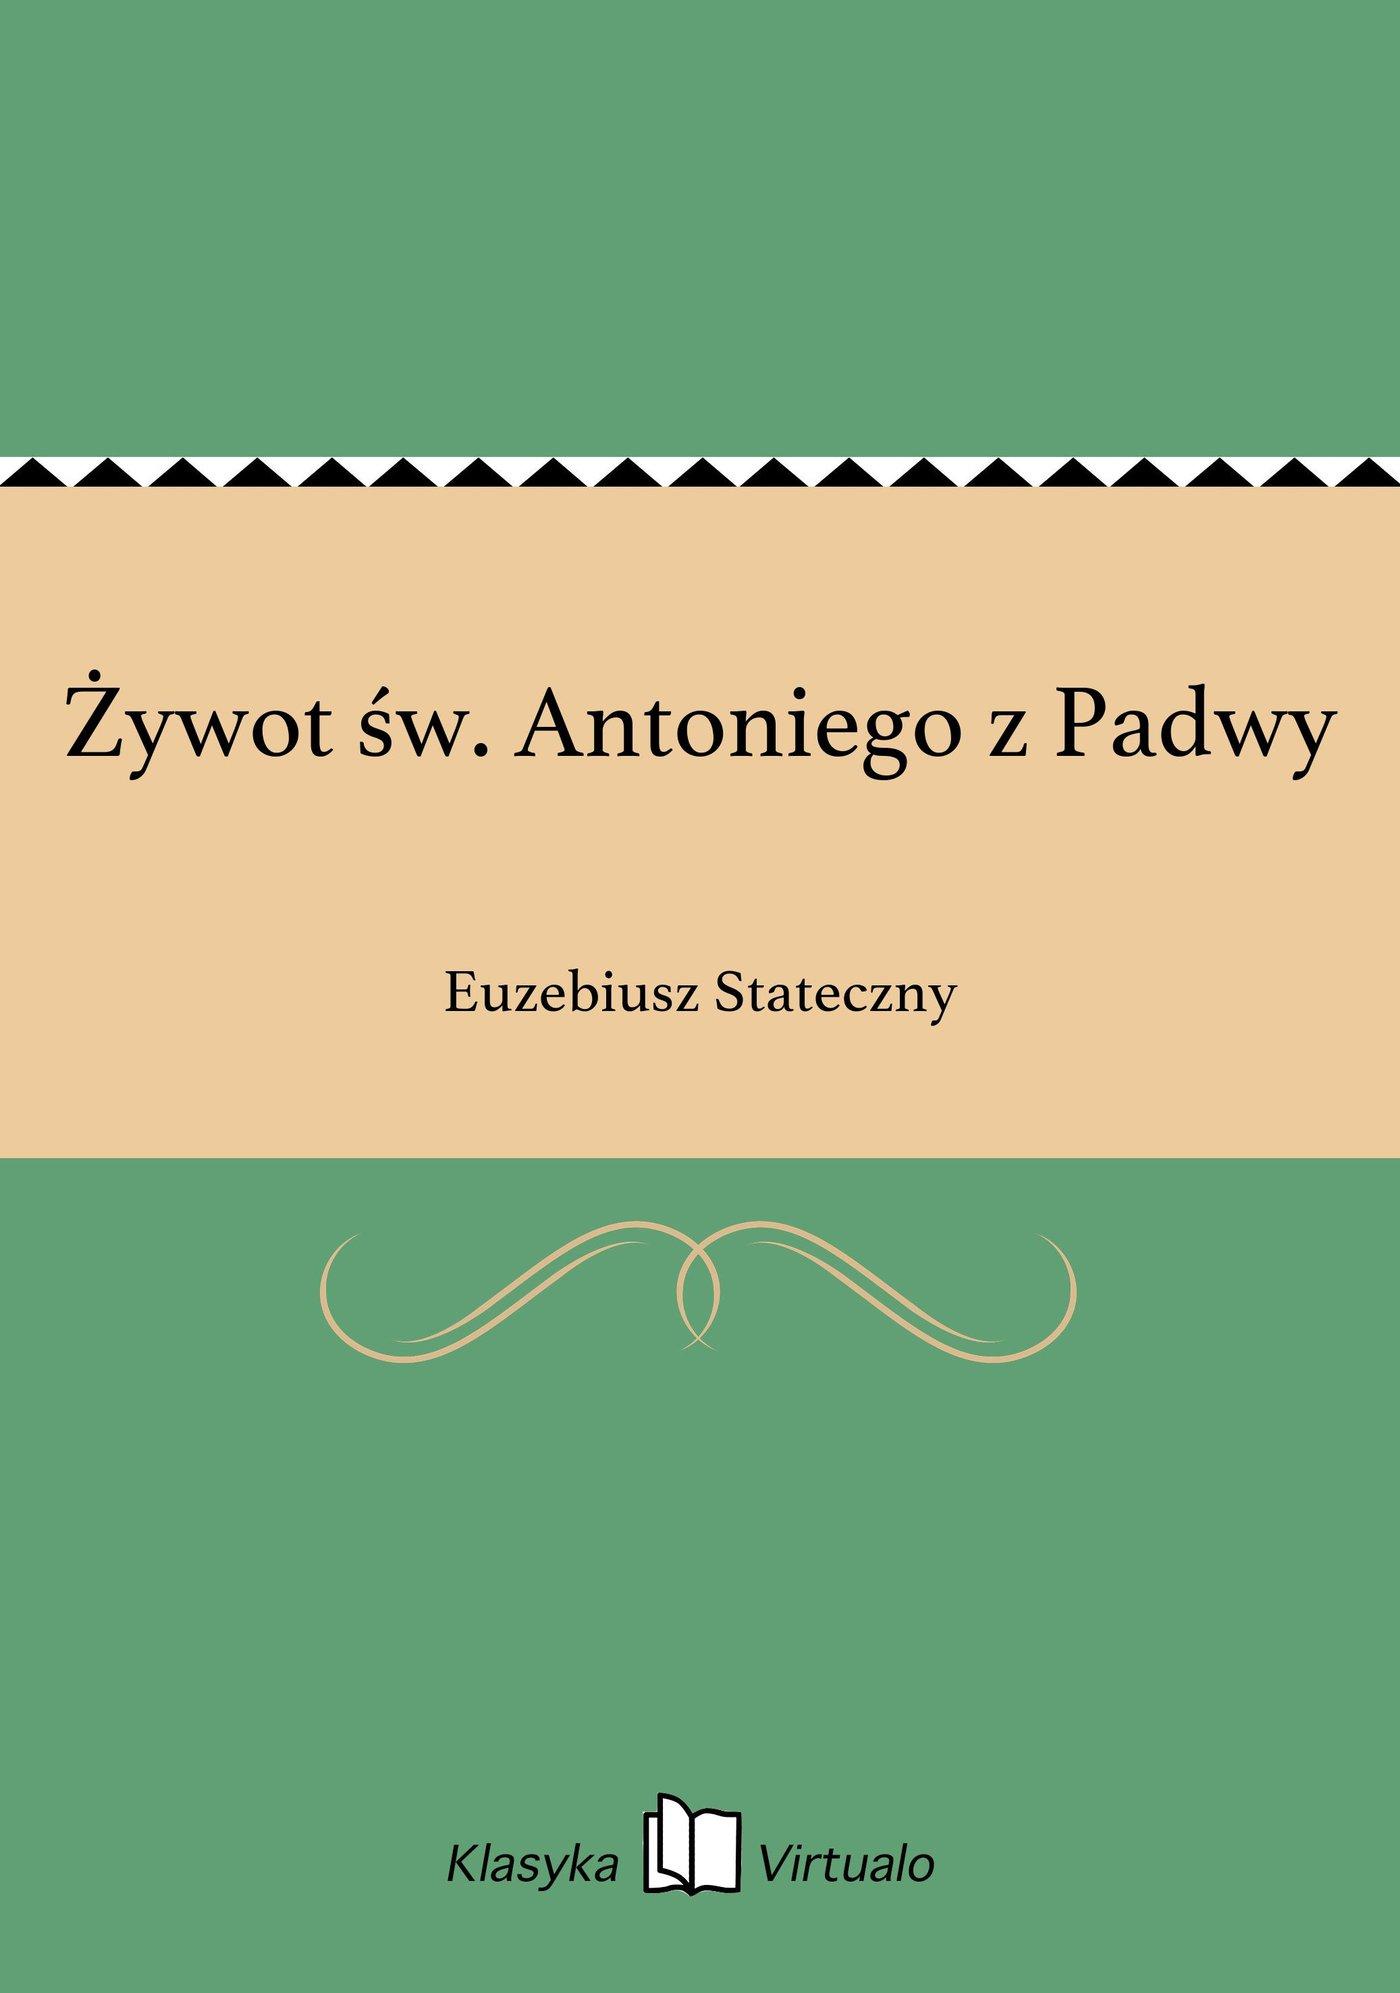 Żywot św. Antoniego z Padwy - Ebook (Książka EPUB) do pobrania w formacie EPUB